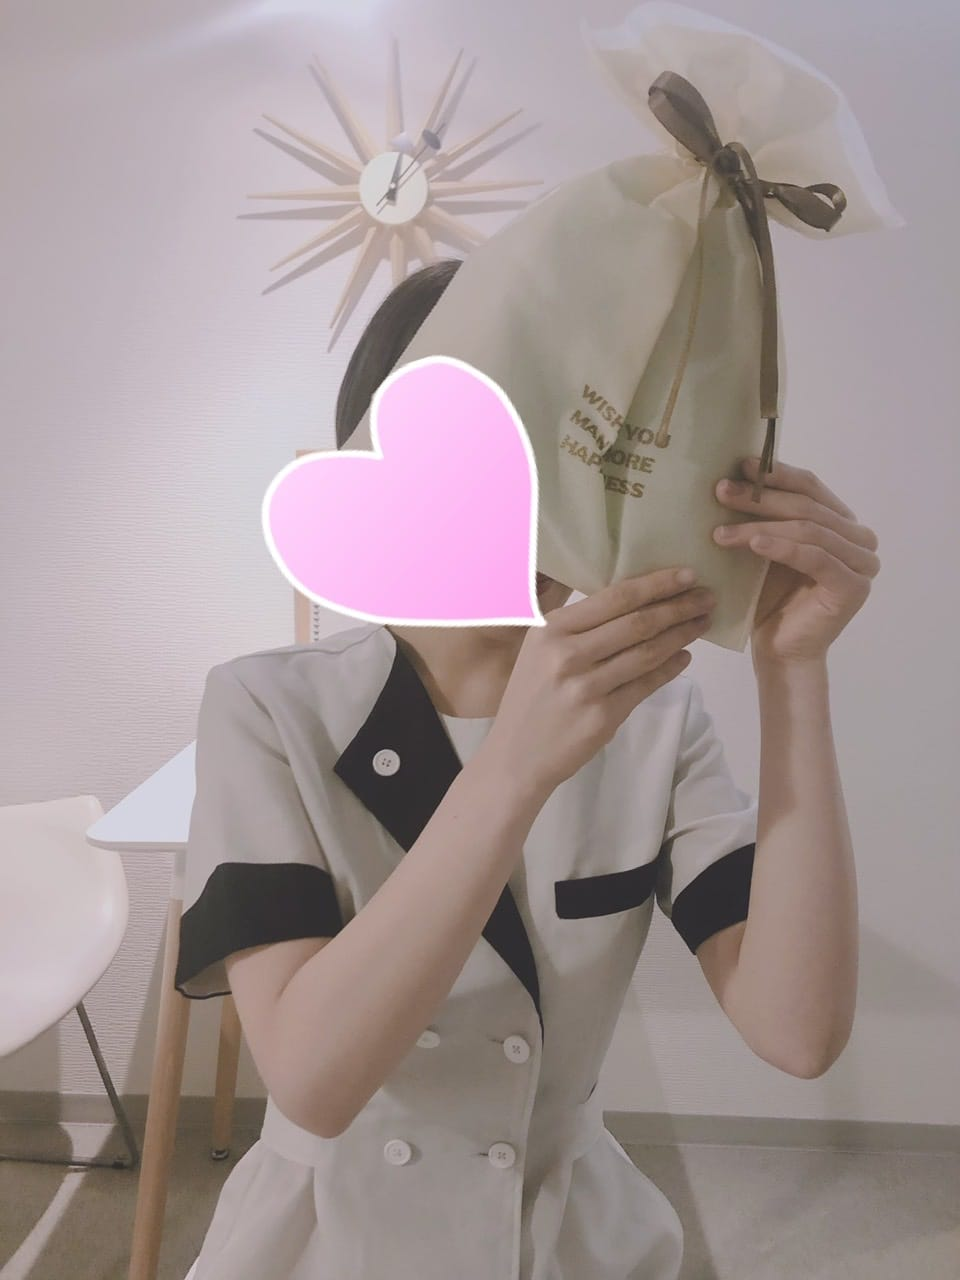 「出勤しました♪」04/13(04/13) 17:47   大塚ゆいの写メ・風俗動画